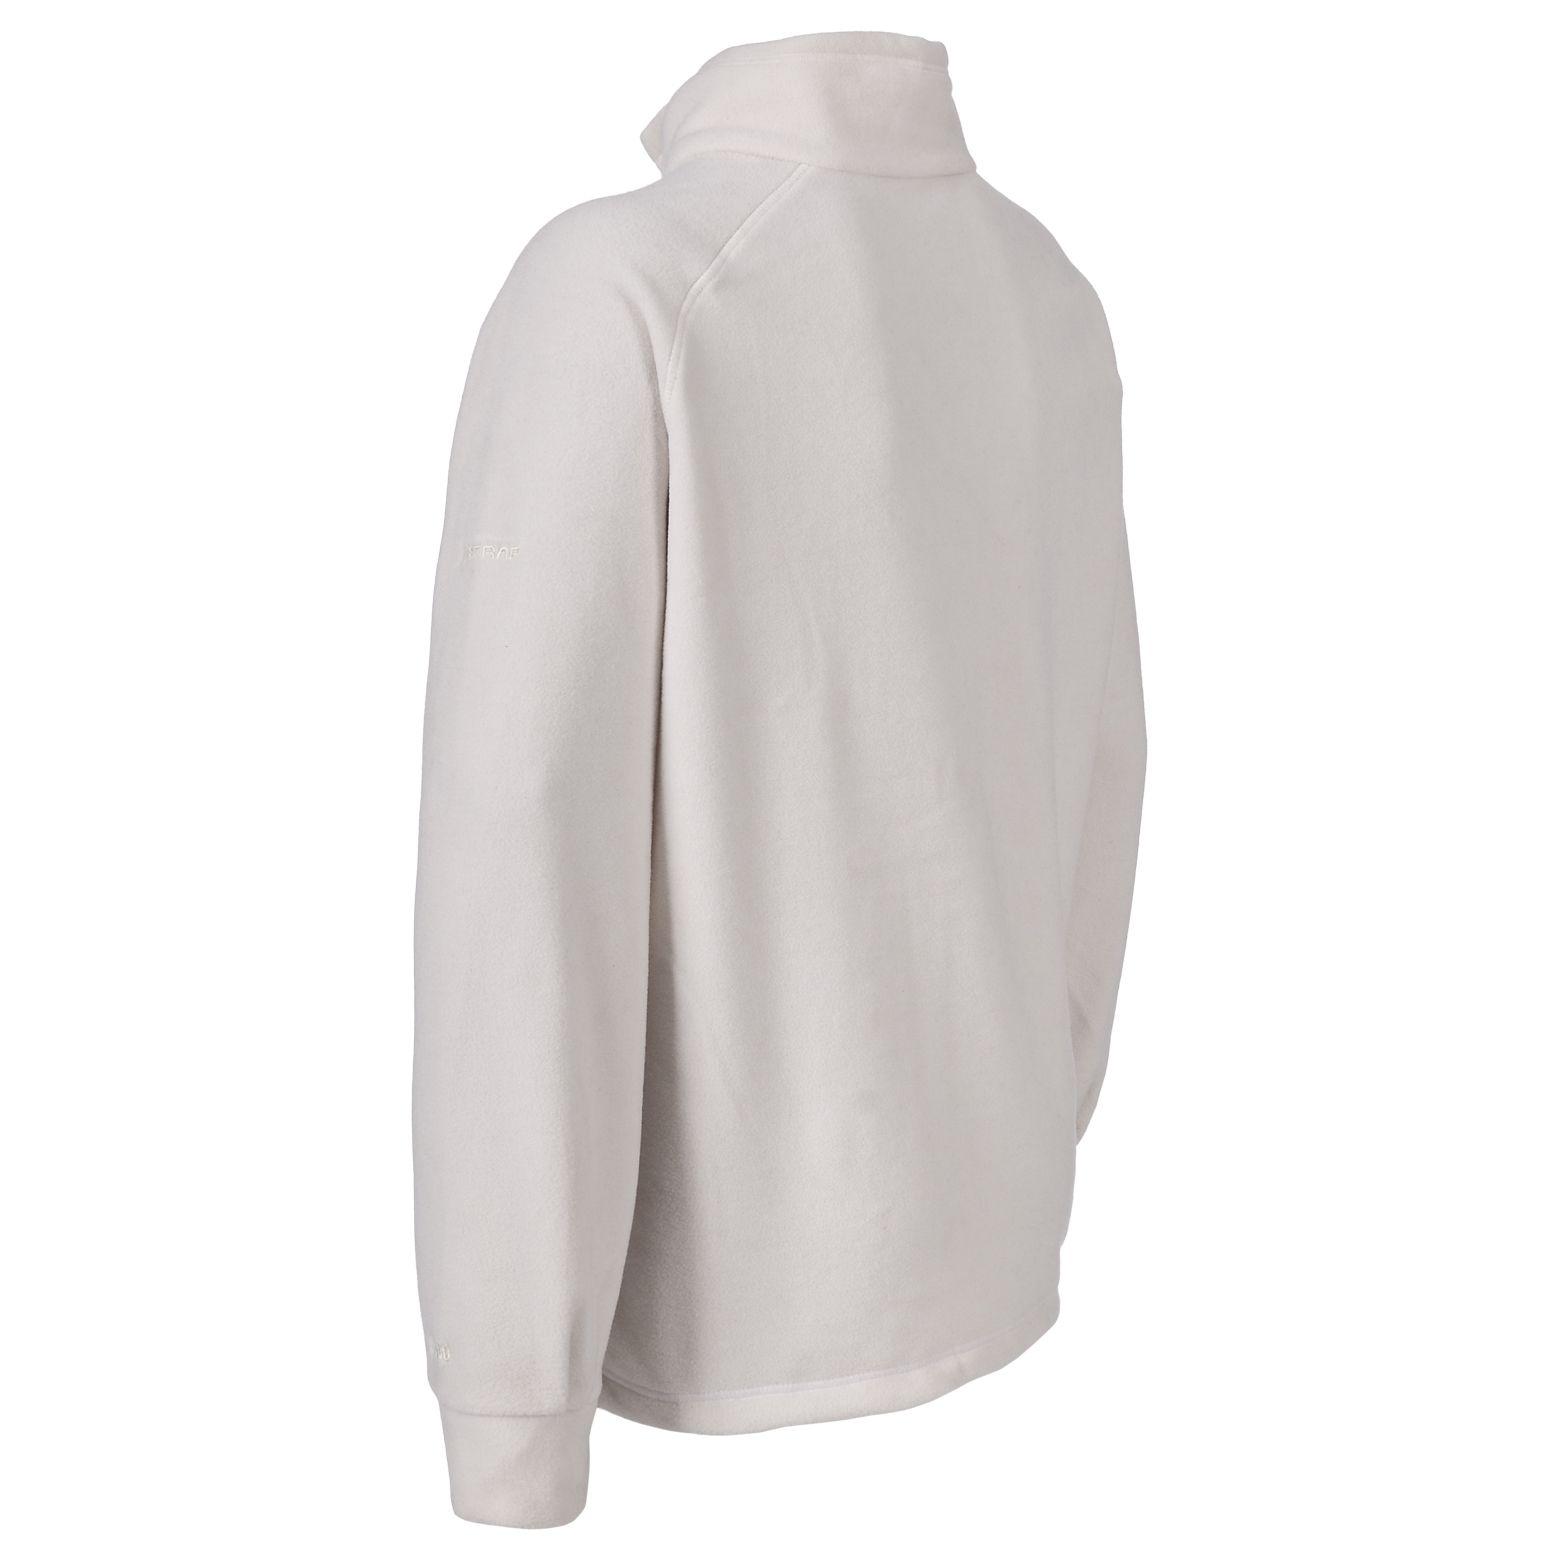 Trespass Womens/Ladies Clarice Full Zip Fleece Jacket (XXL) (Black)